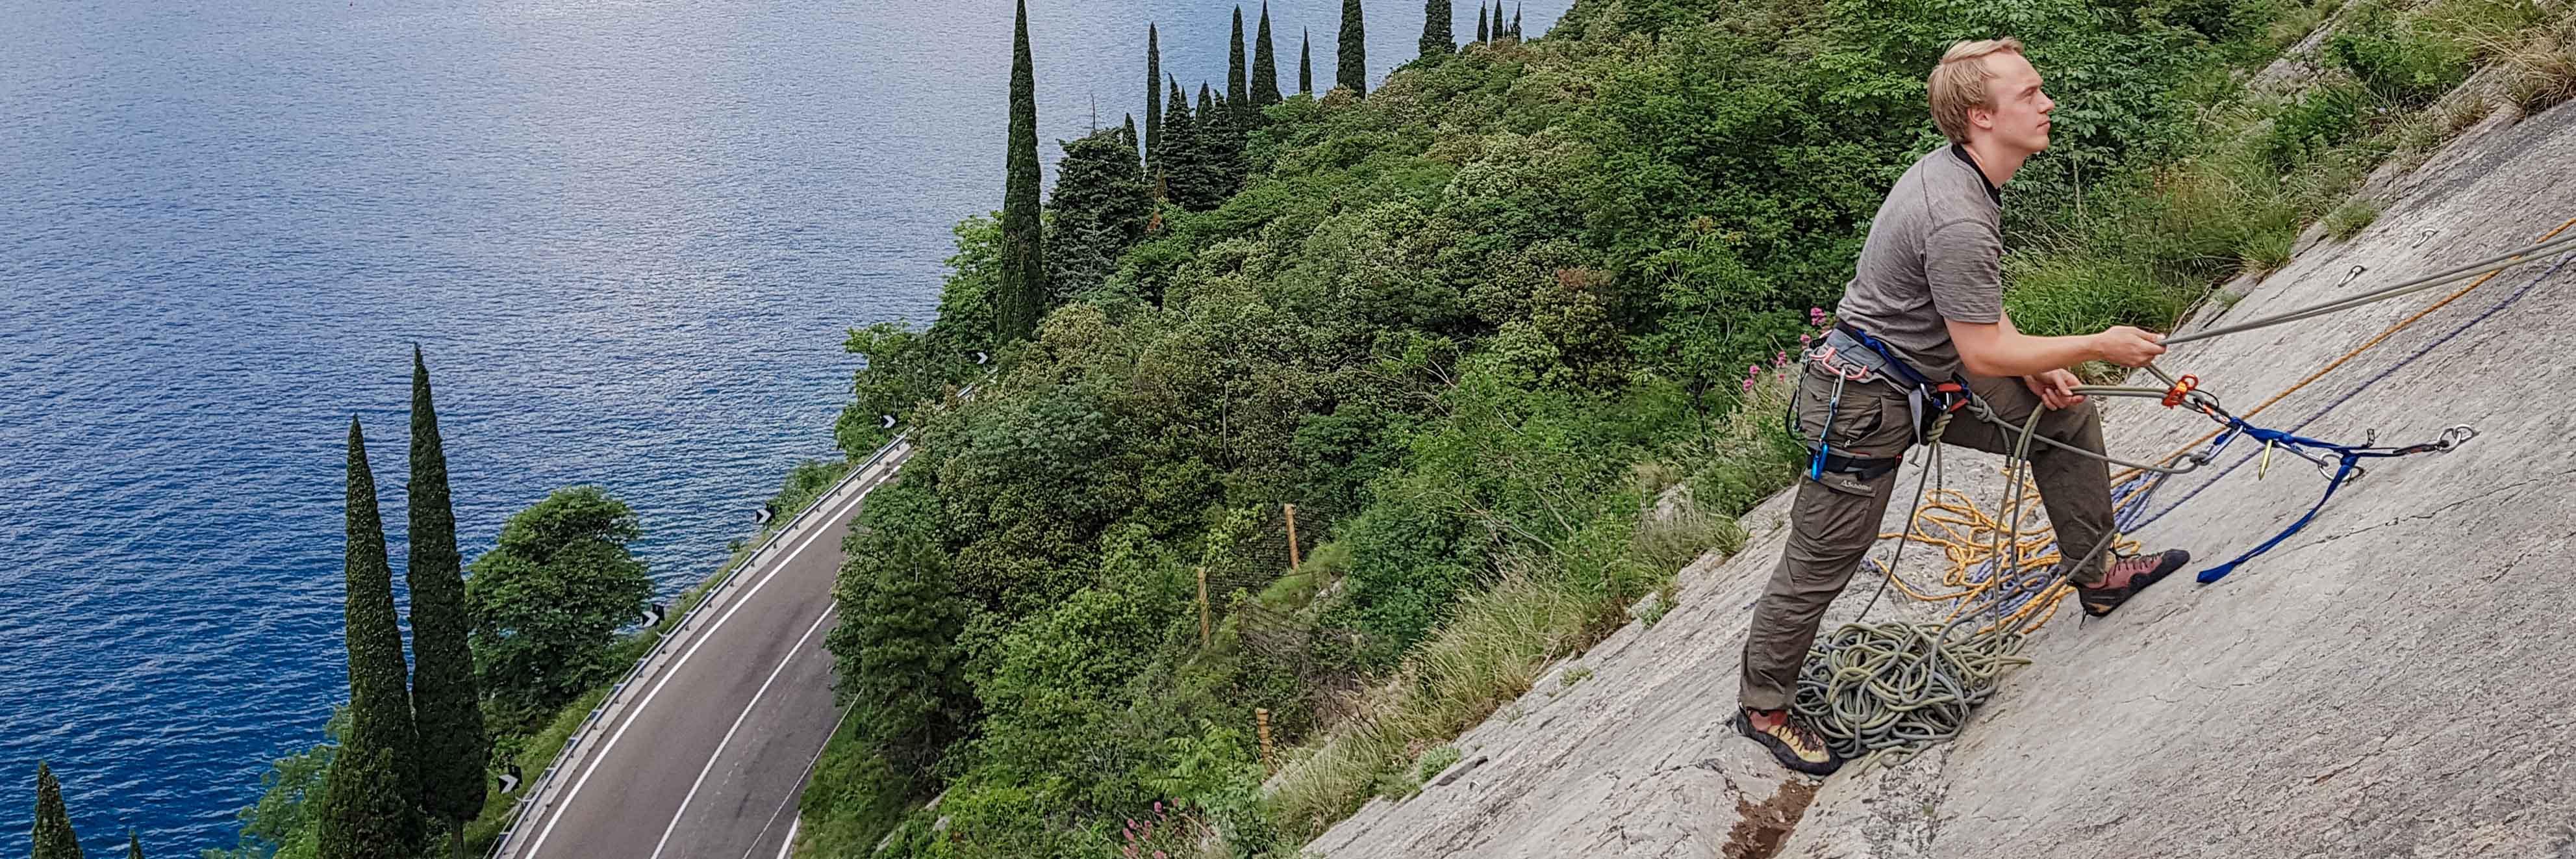 Grundkurs Klettern, Arco klettern, Mehrseillängen klettern Gardasee